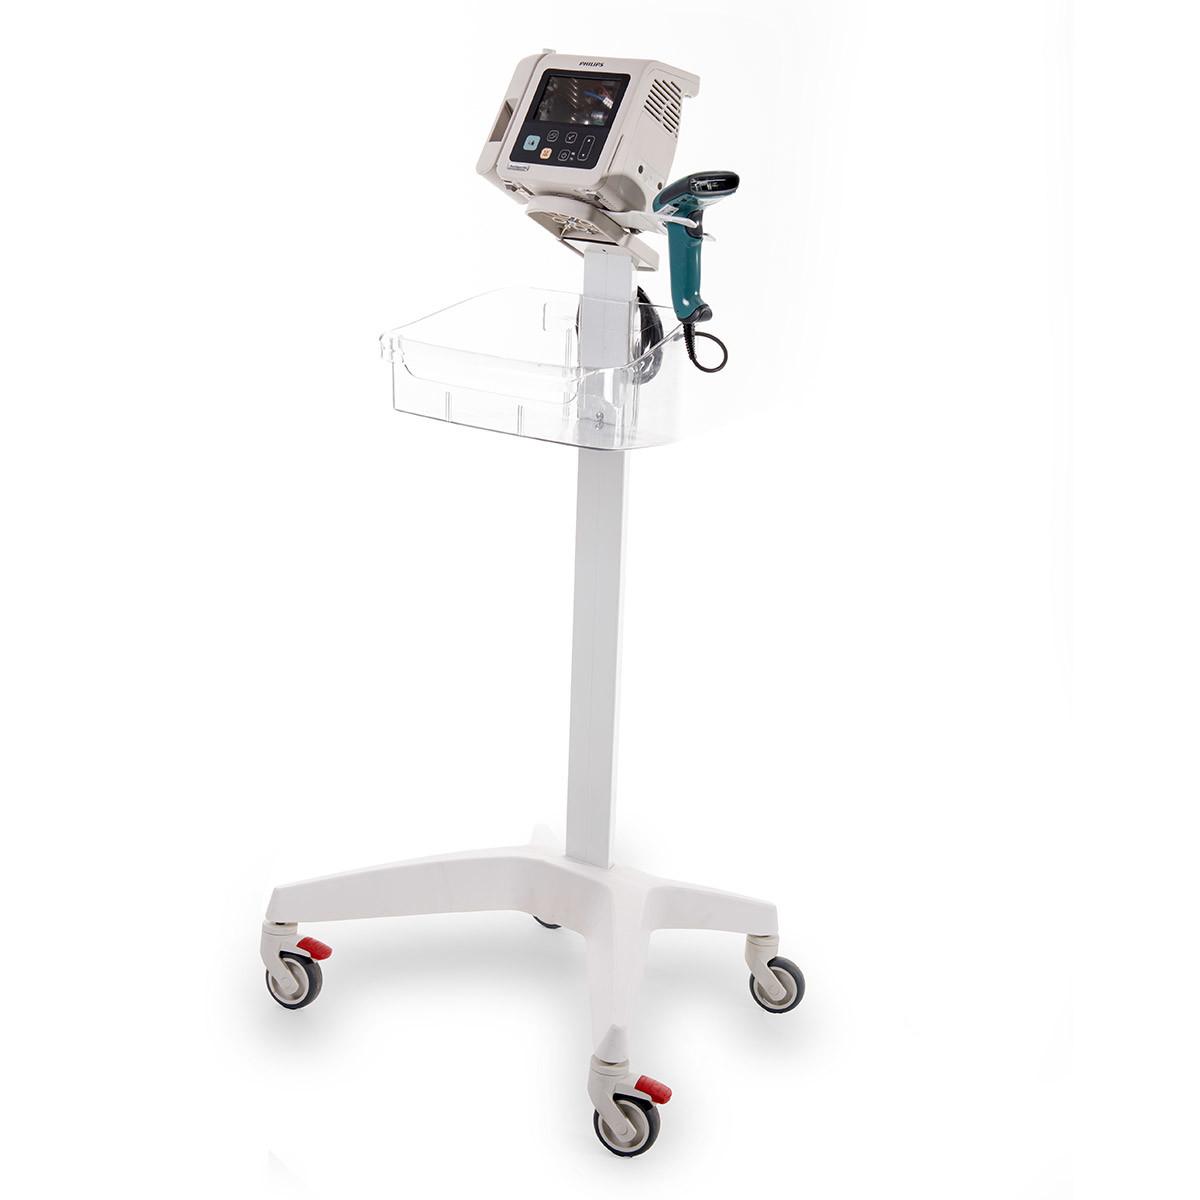 chariots-de-transport-pour-dispositives-medicales